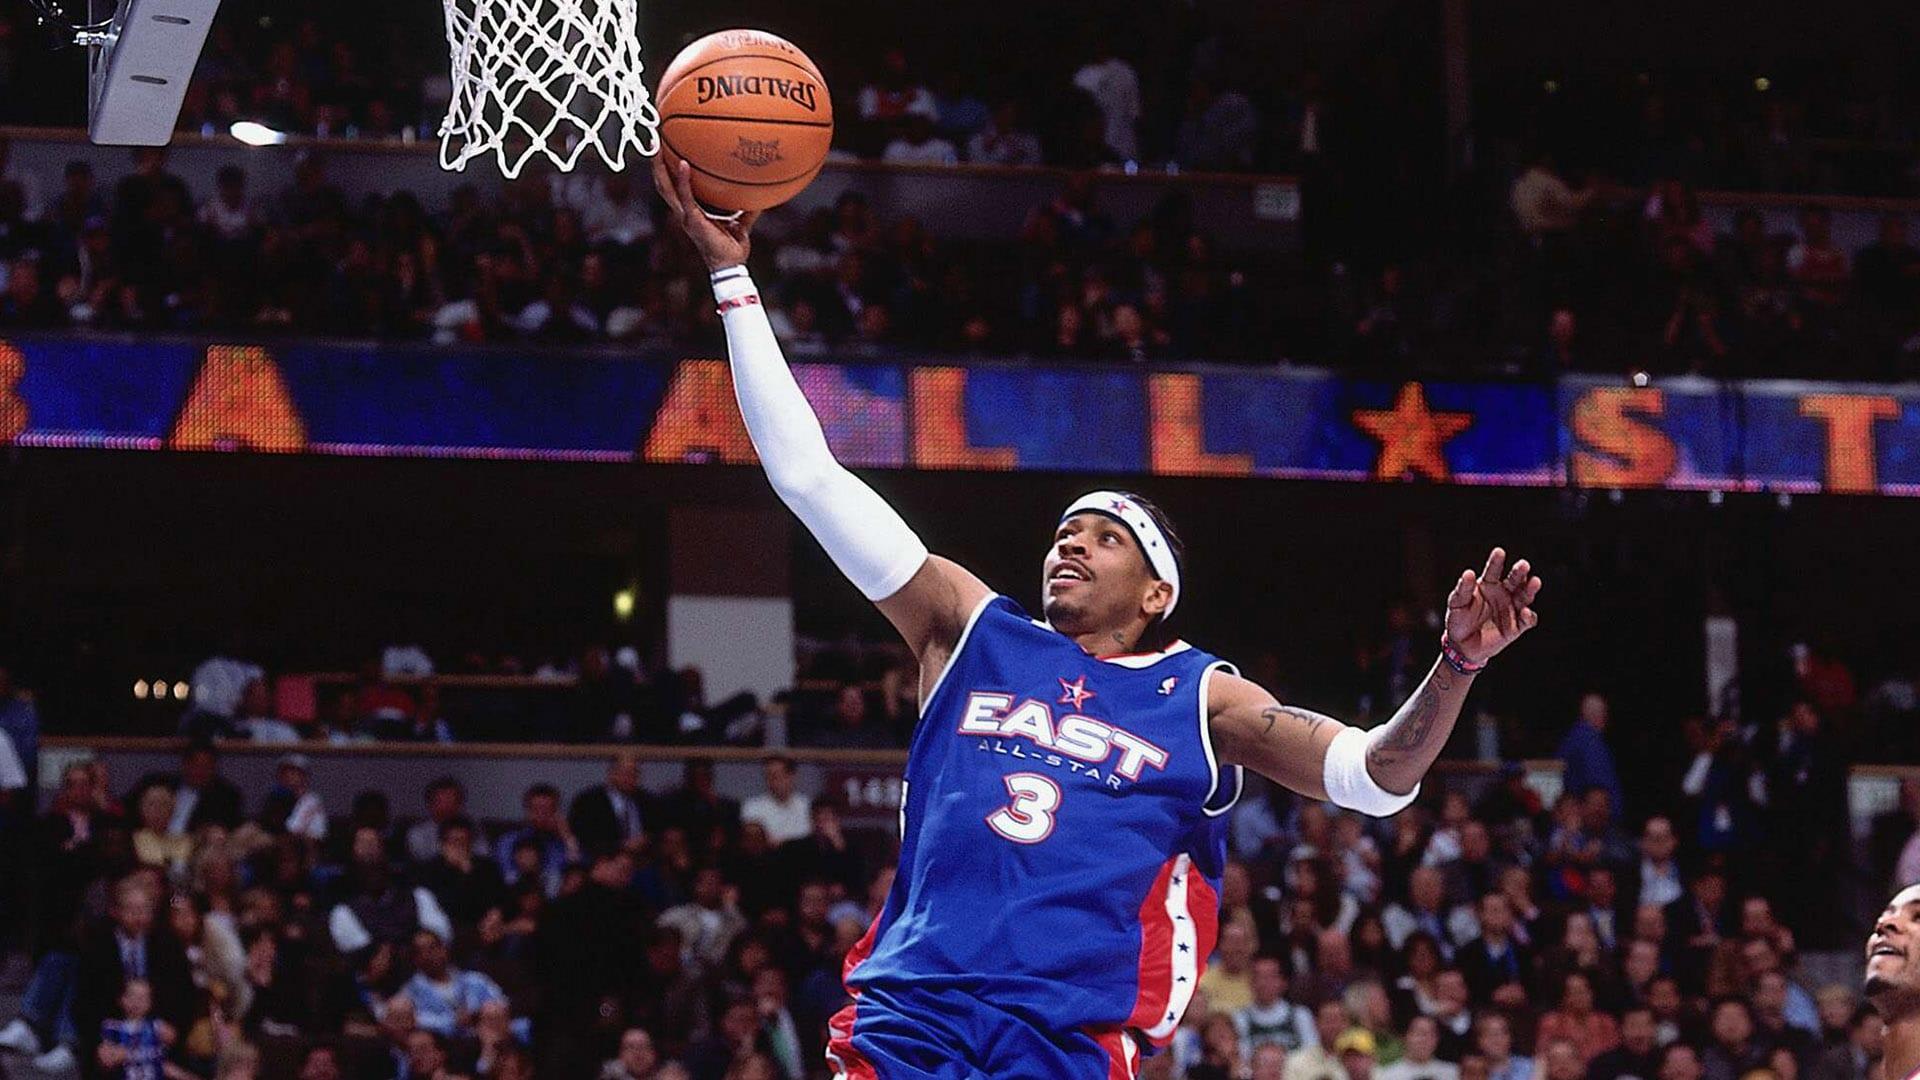 2005 NBA All-Star recap